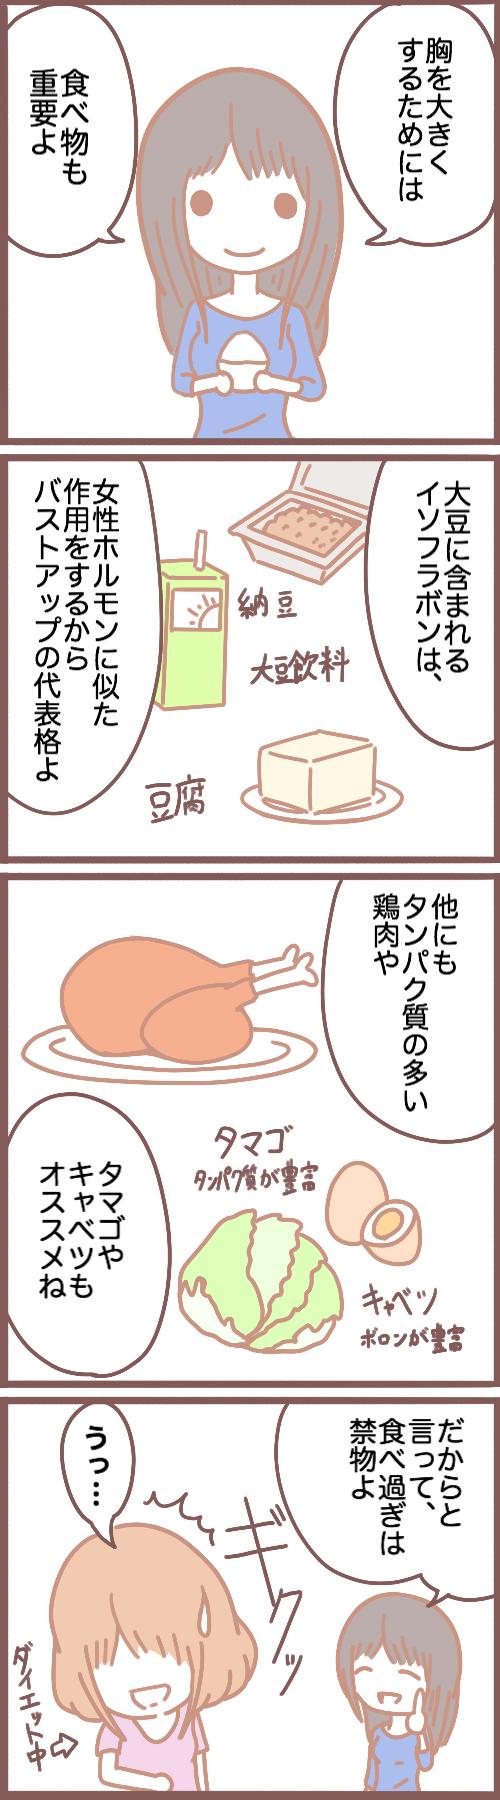 胸を大きくする効果的な食べ物についての4コマ漫画